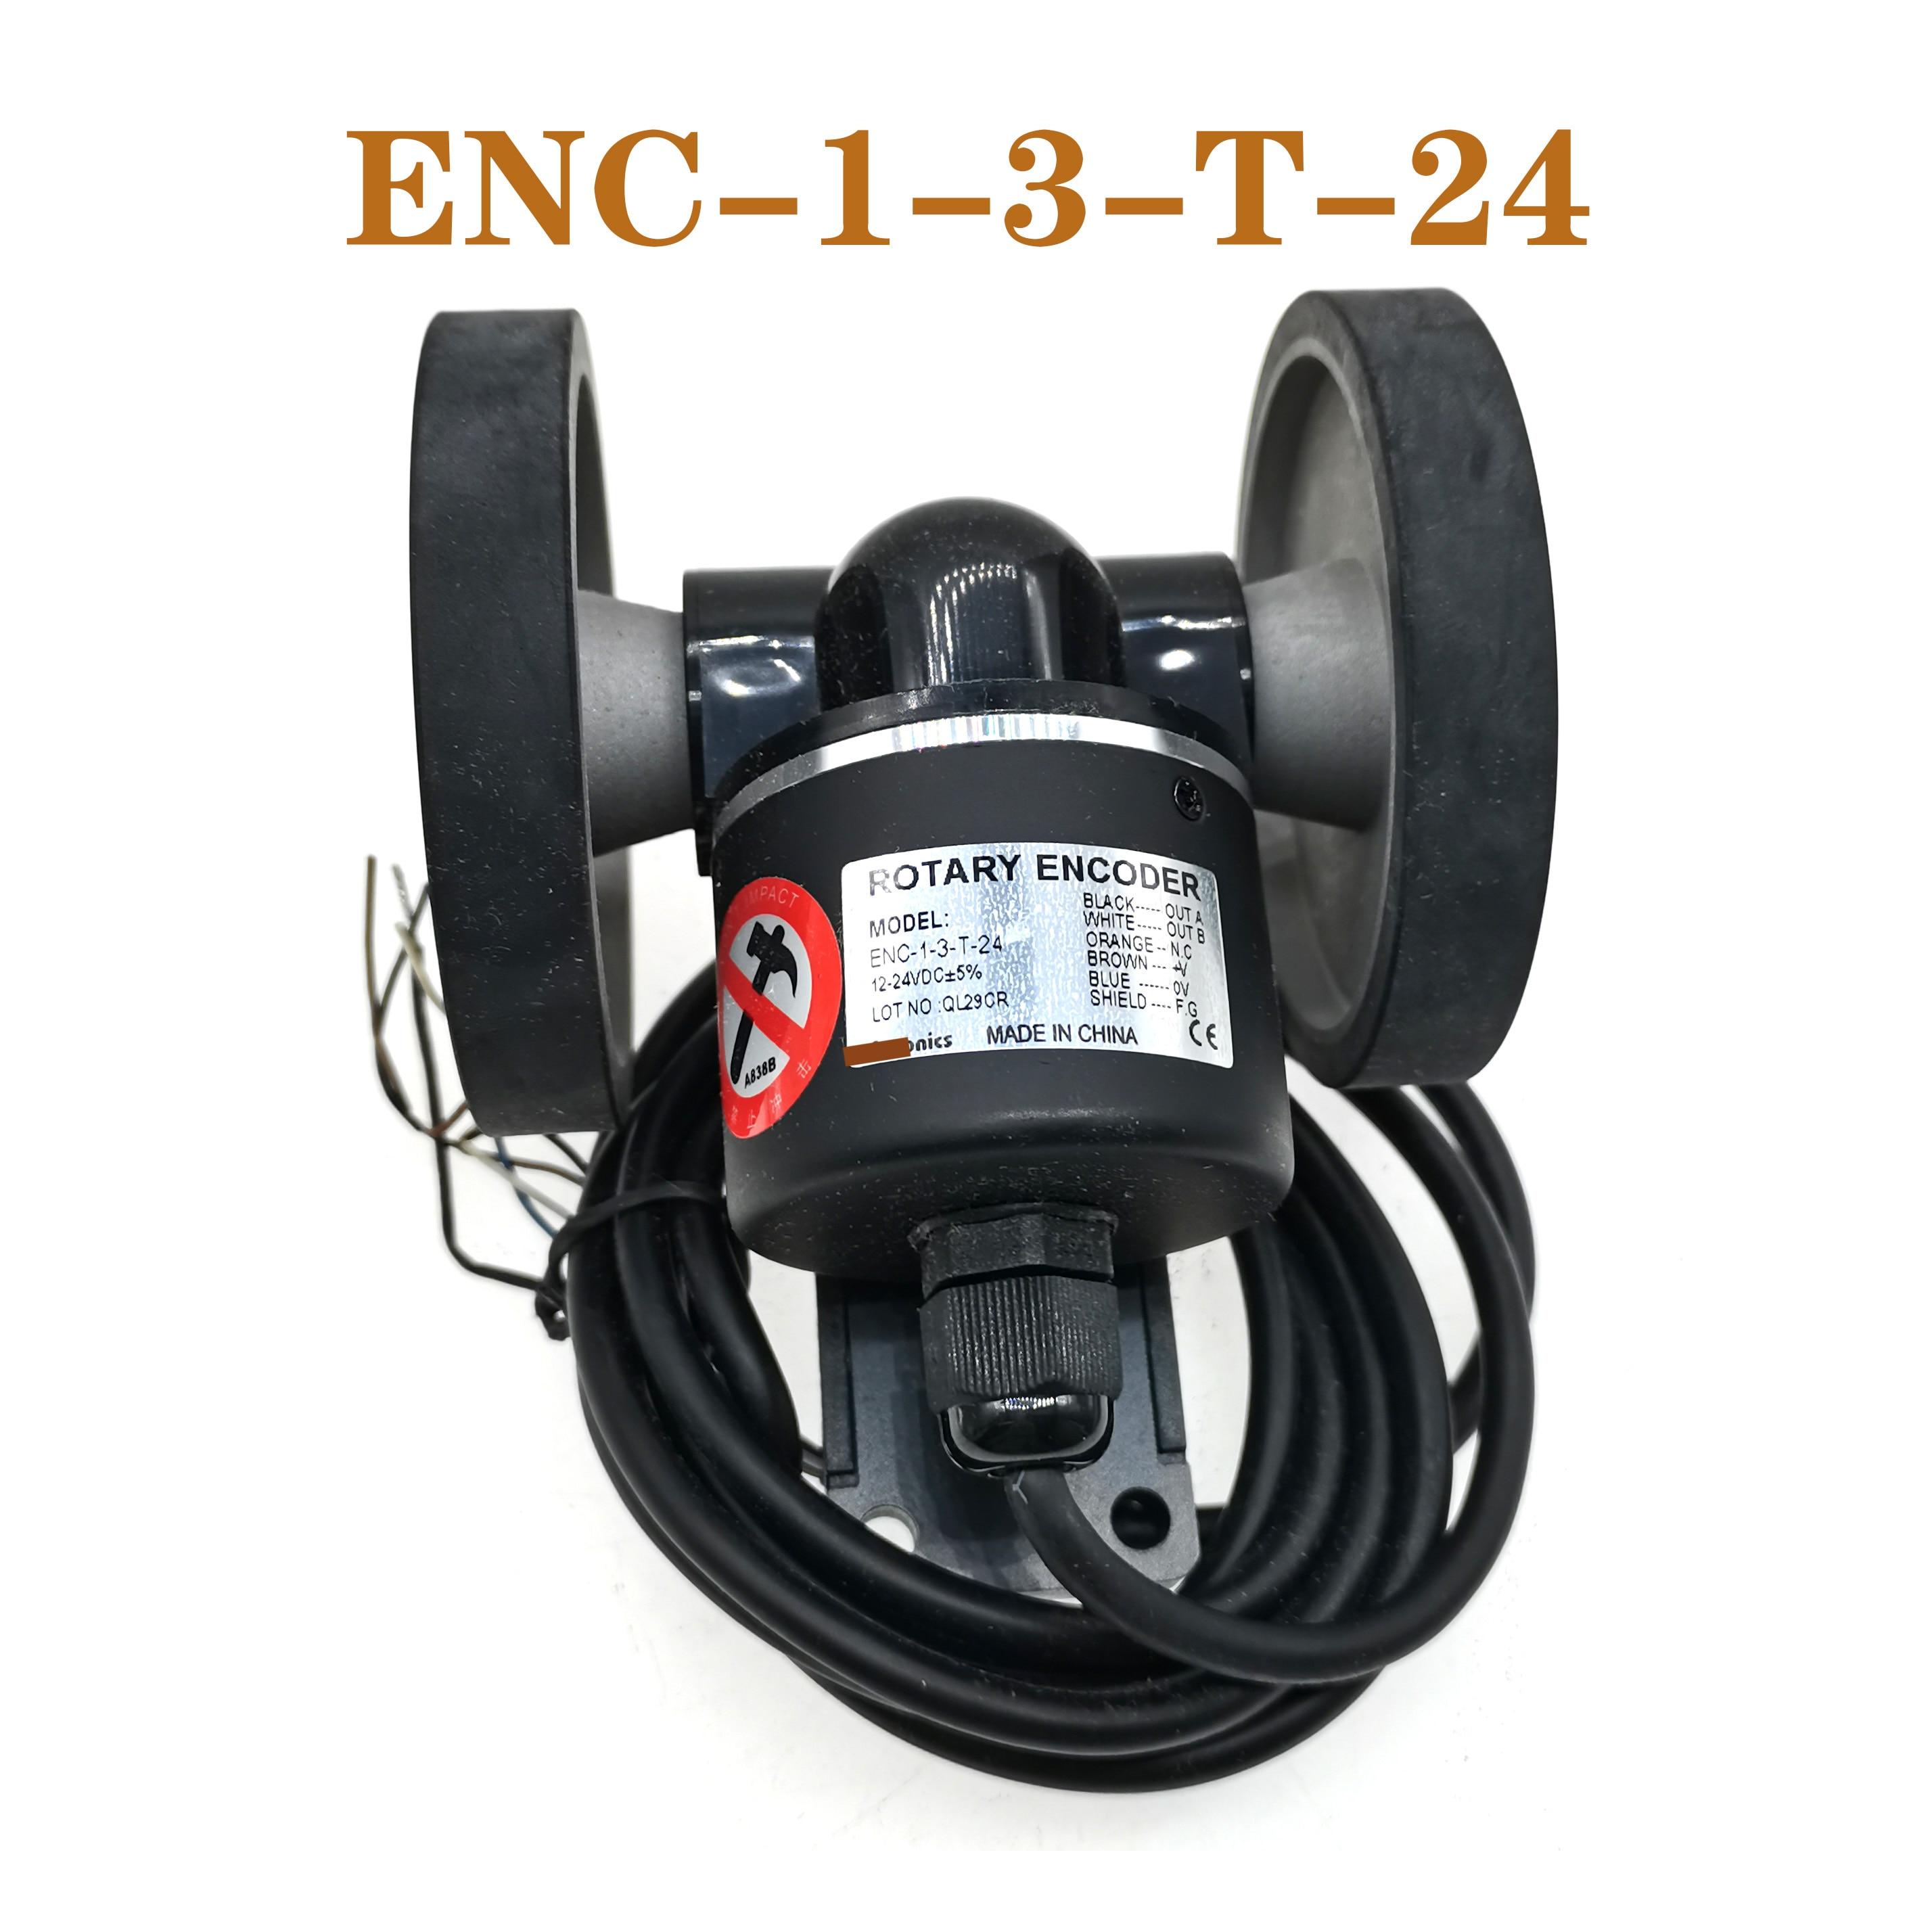 ENC-1-3-T-24 العلامة التجارية الجديدة الأصلي اثنين من عجلة التشفير في الأوراق المالية